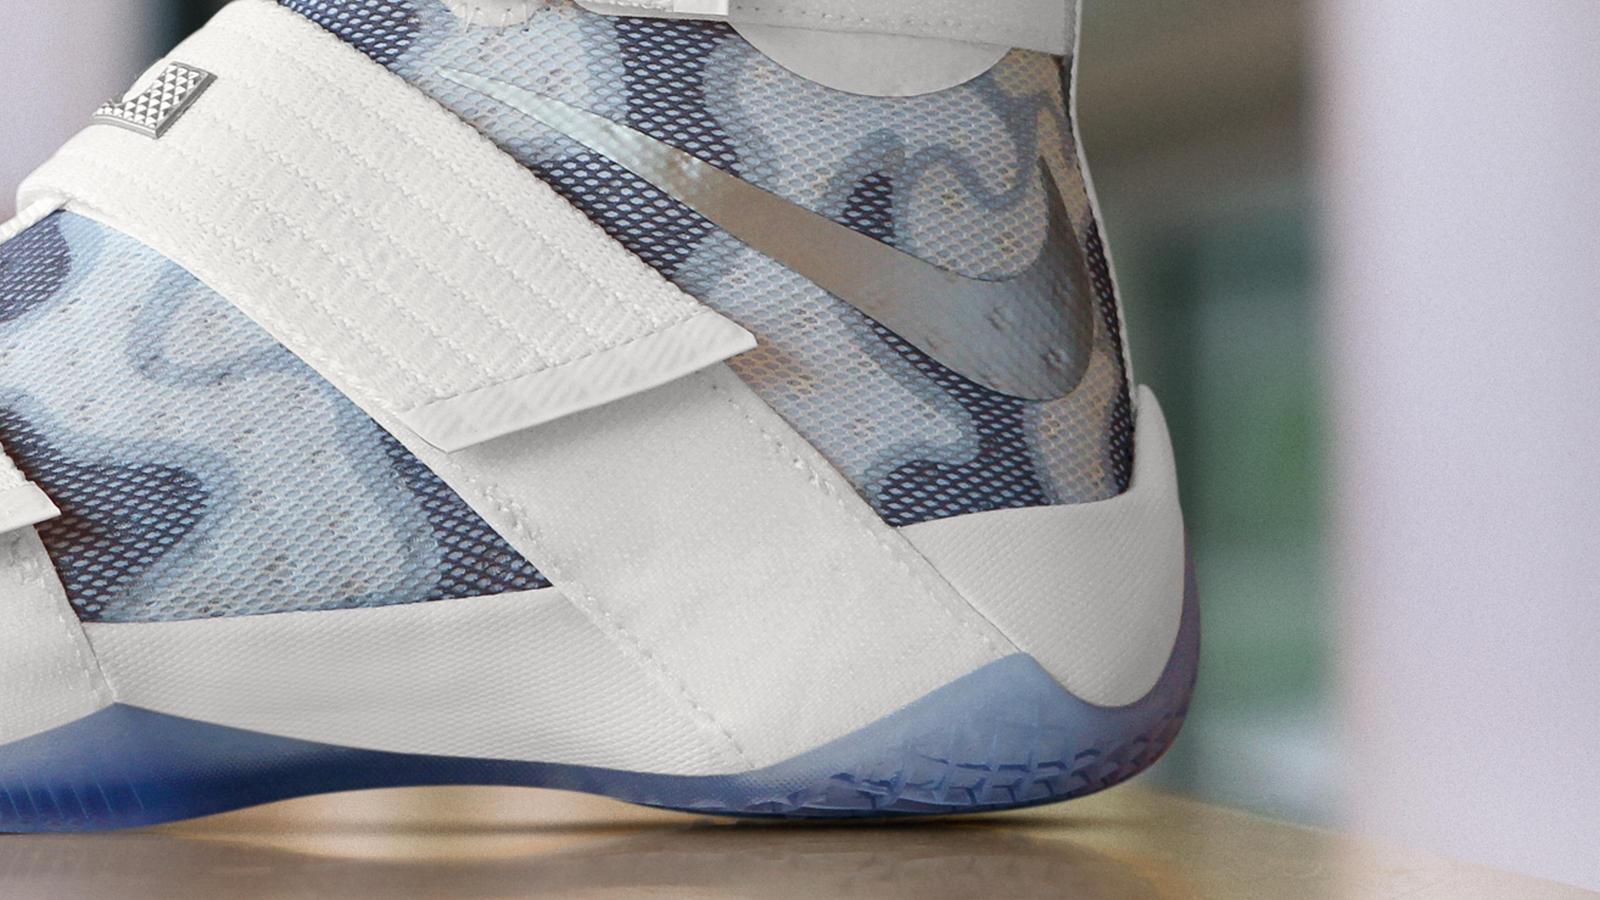 san francisco 3a4aa 8e340 Nike Zoom LeBron Soldier 10 White Camo NIKEiD Option 1